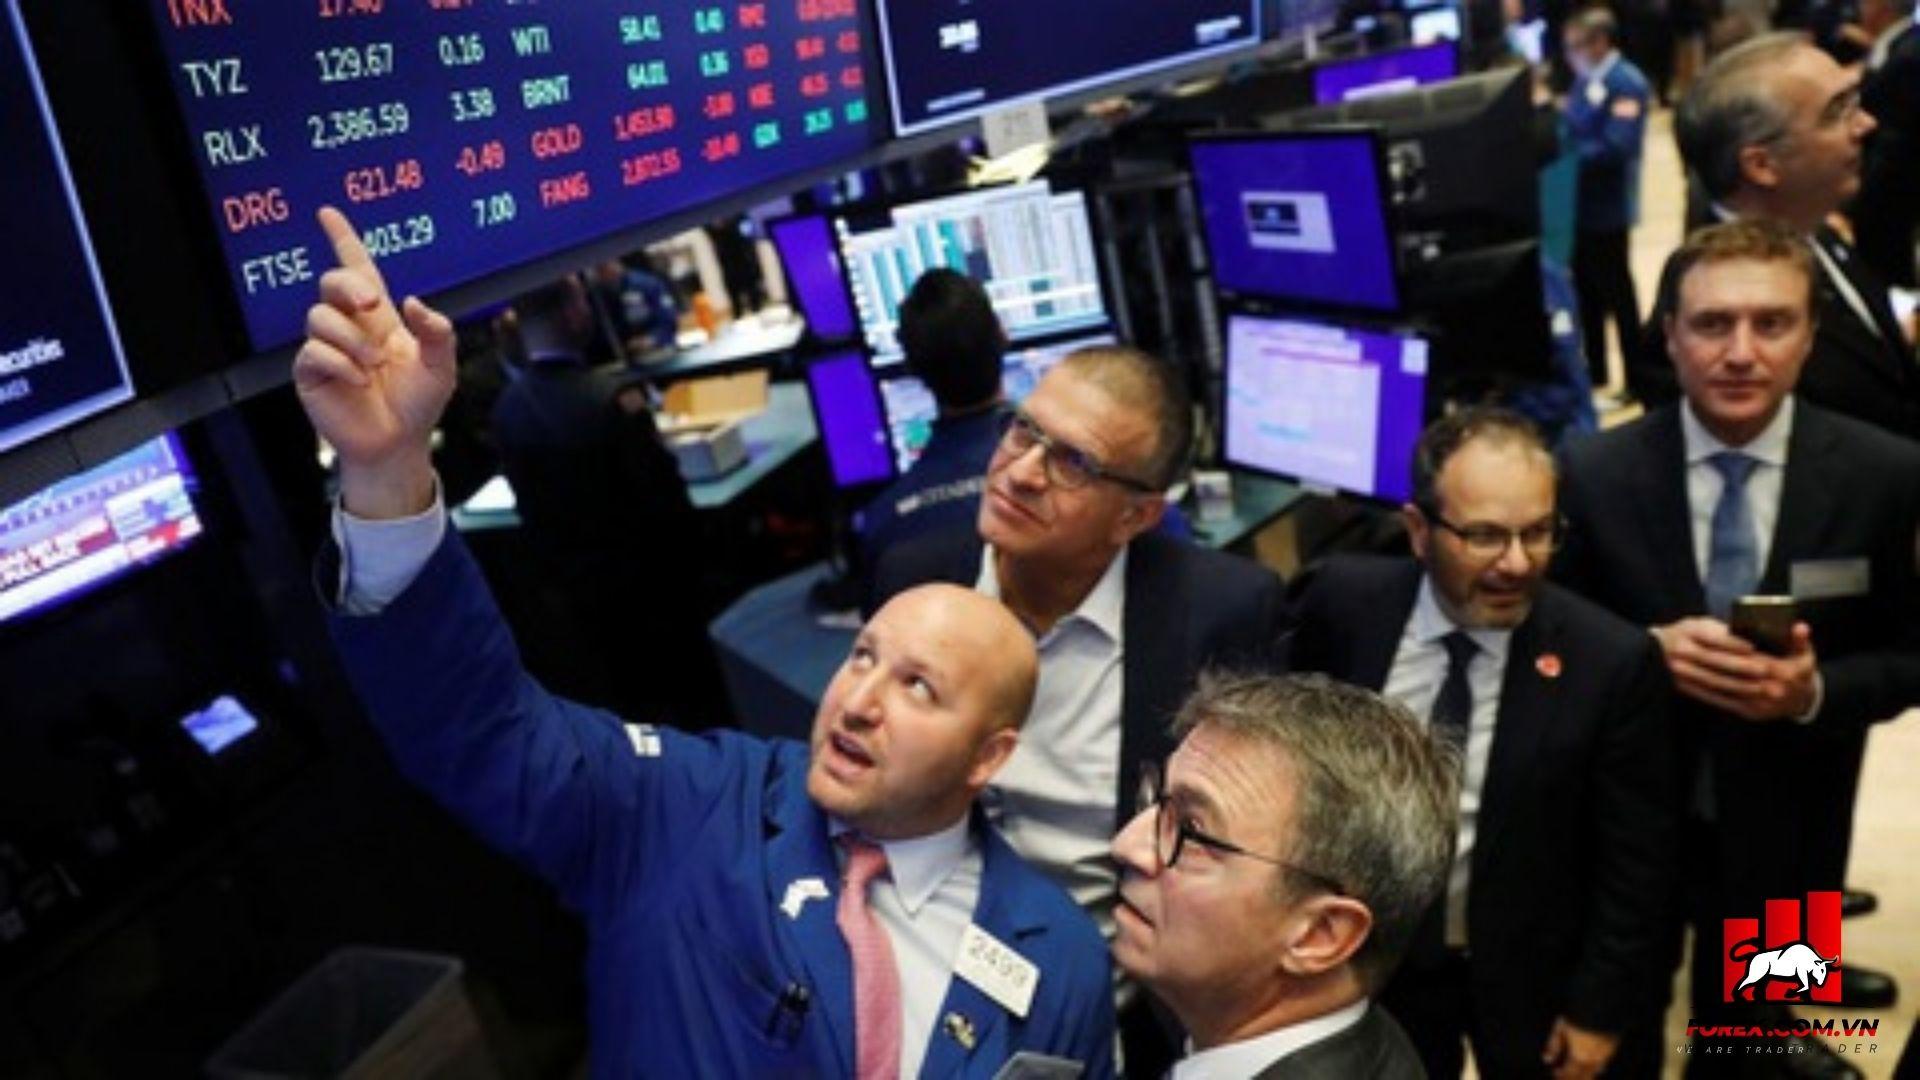 chứng khoáng Mỹ tăng cao khi có Chuyển biến tích cực về gói kích thích kinh tế mới của nước Mỹ